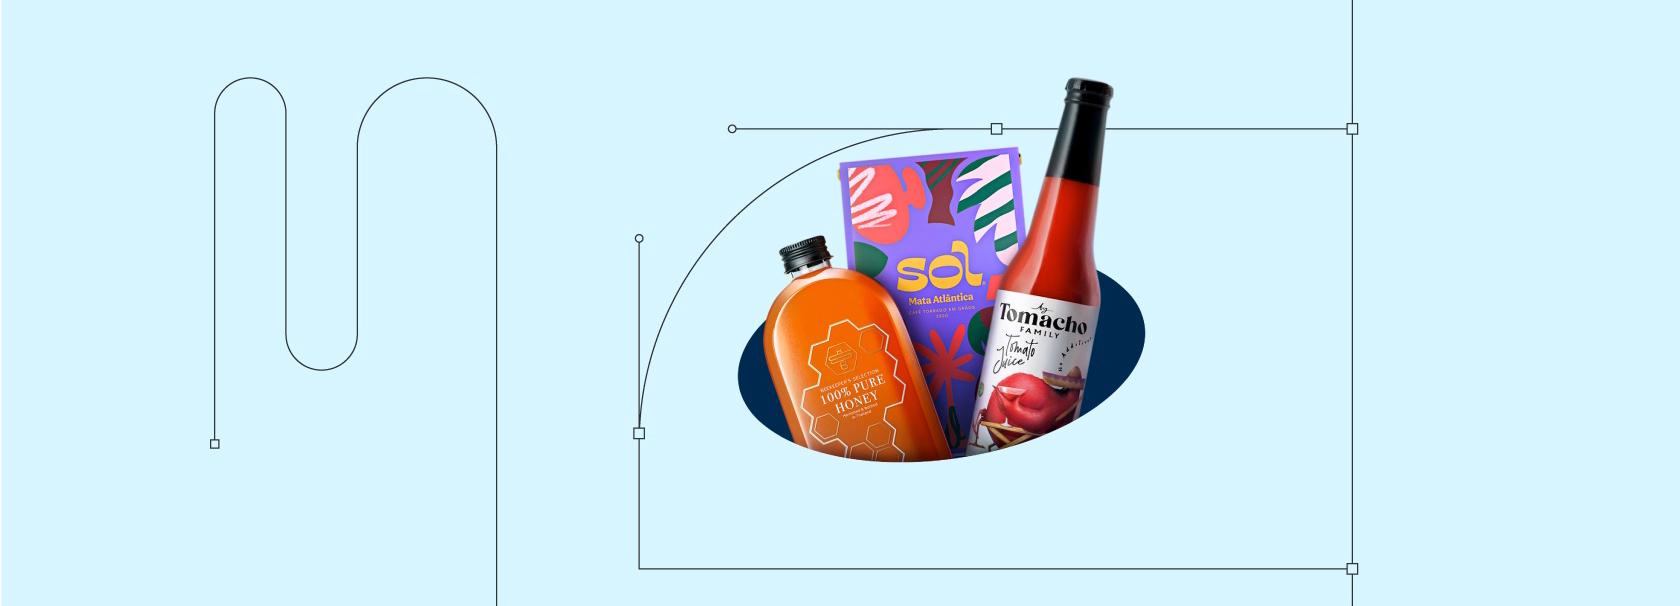 10 лучших примеров дизайна упаковки от Packaging of the World